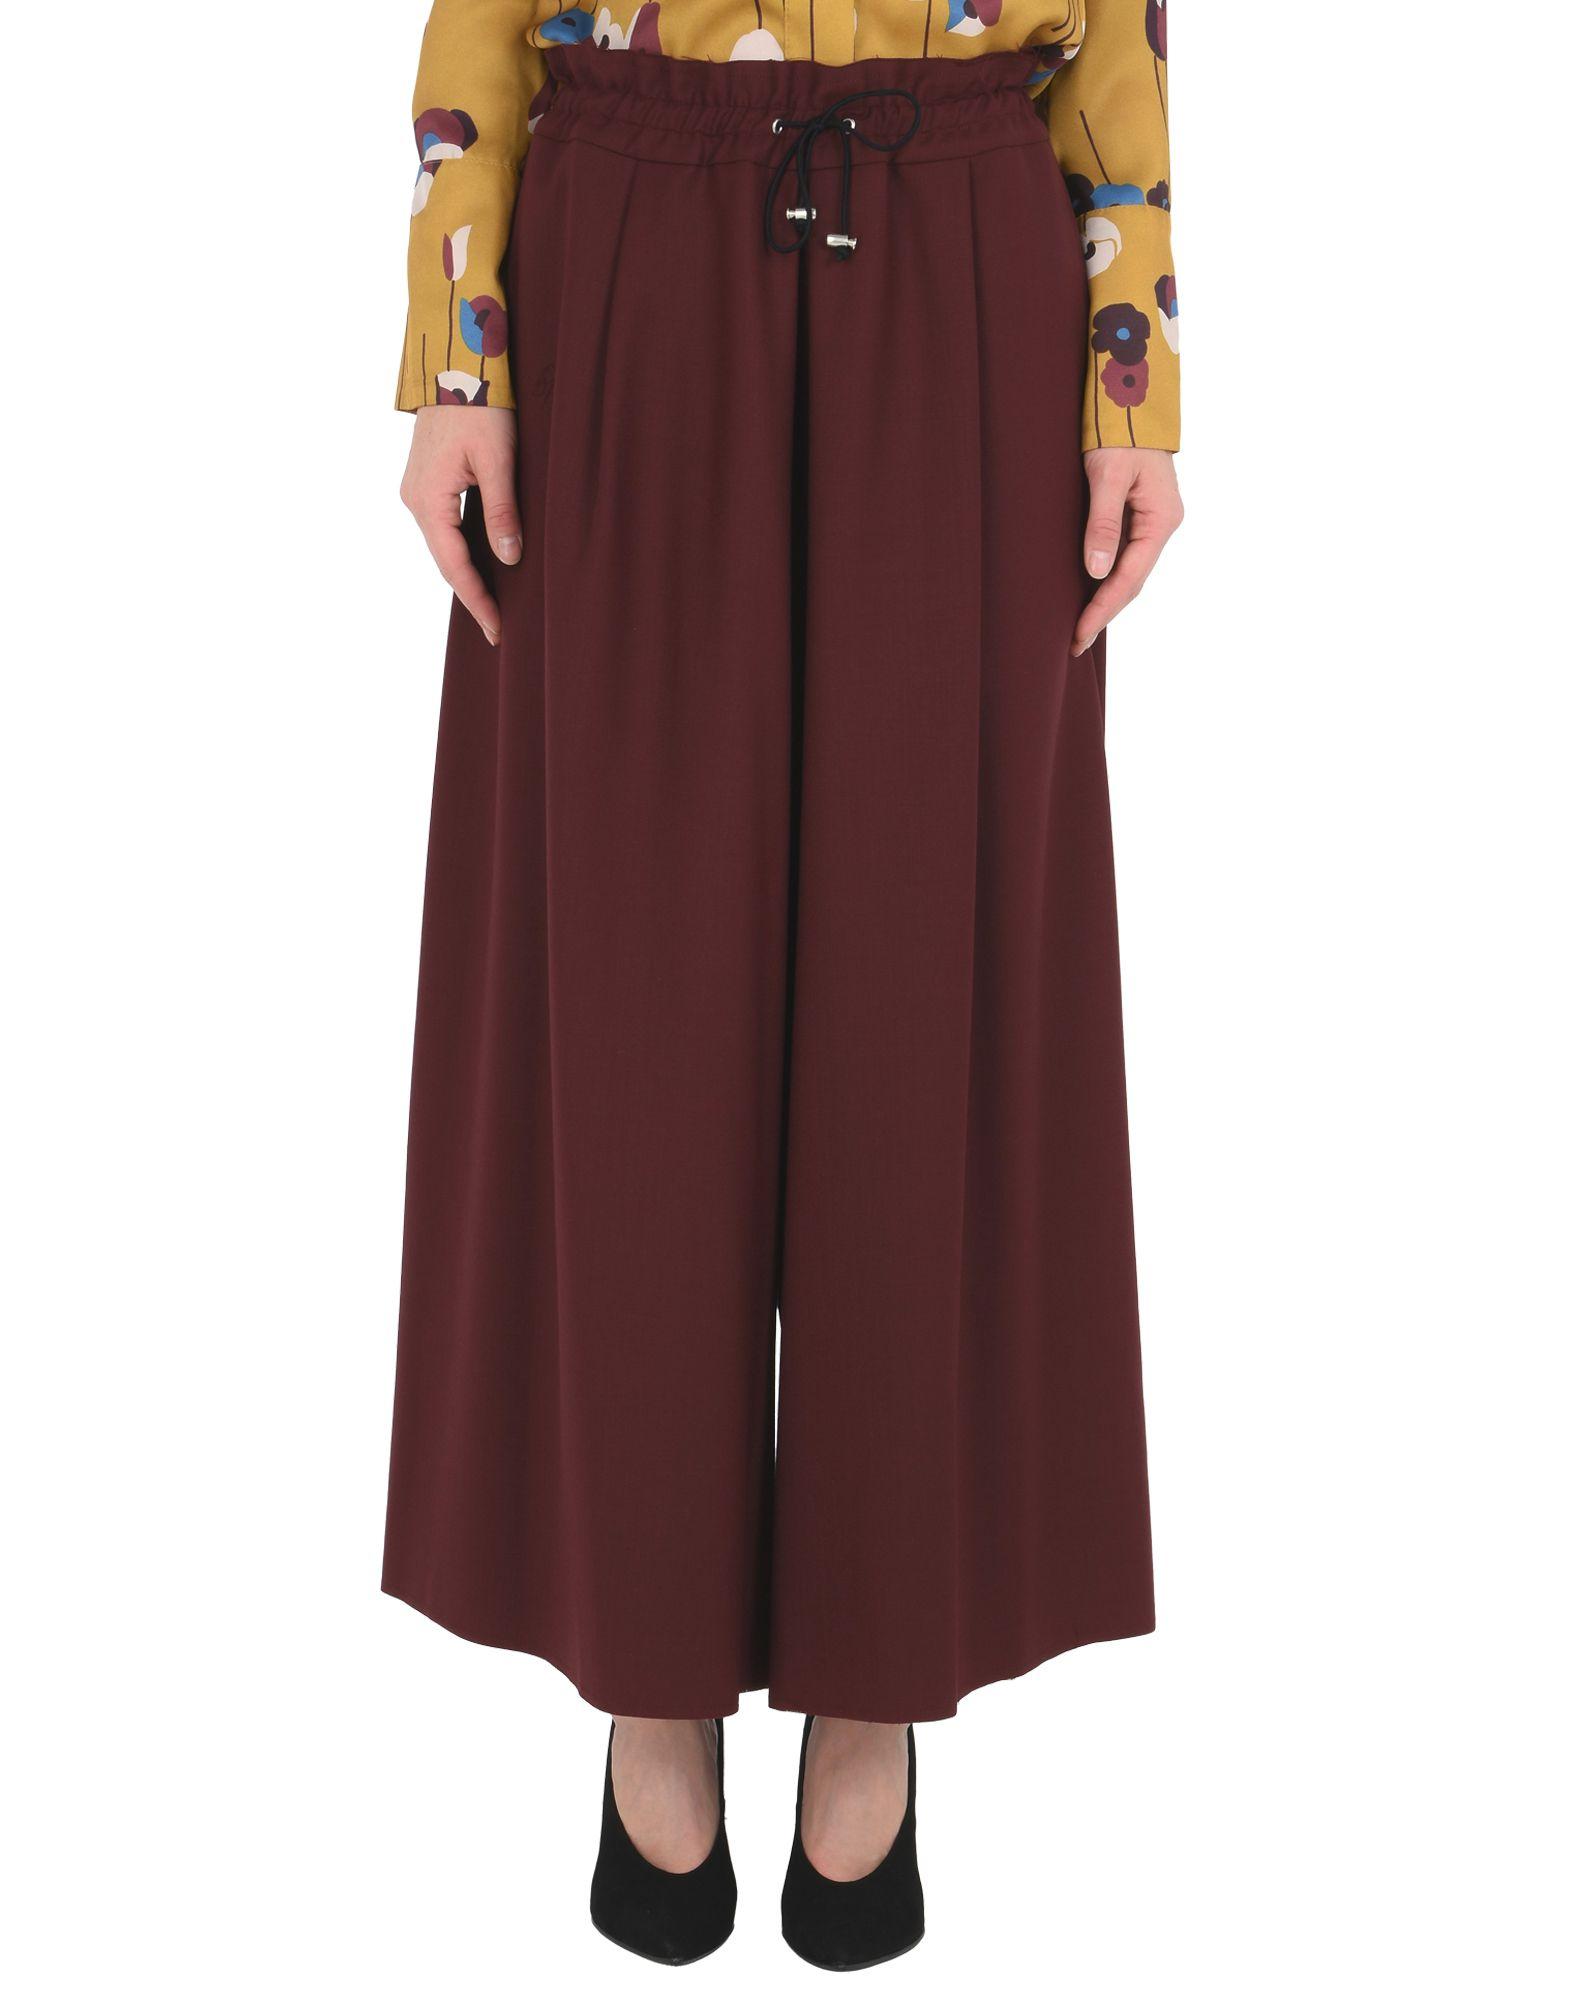 Фото - DEPARTMENT 5 Длинная юбка department 5 джинсовая юбка